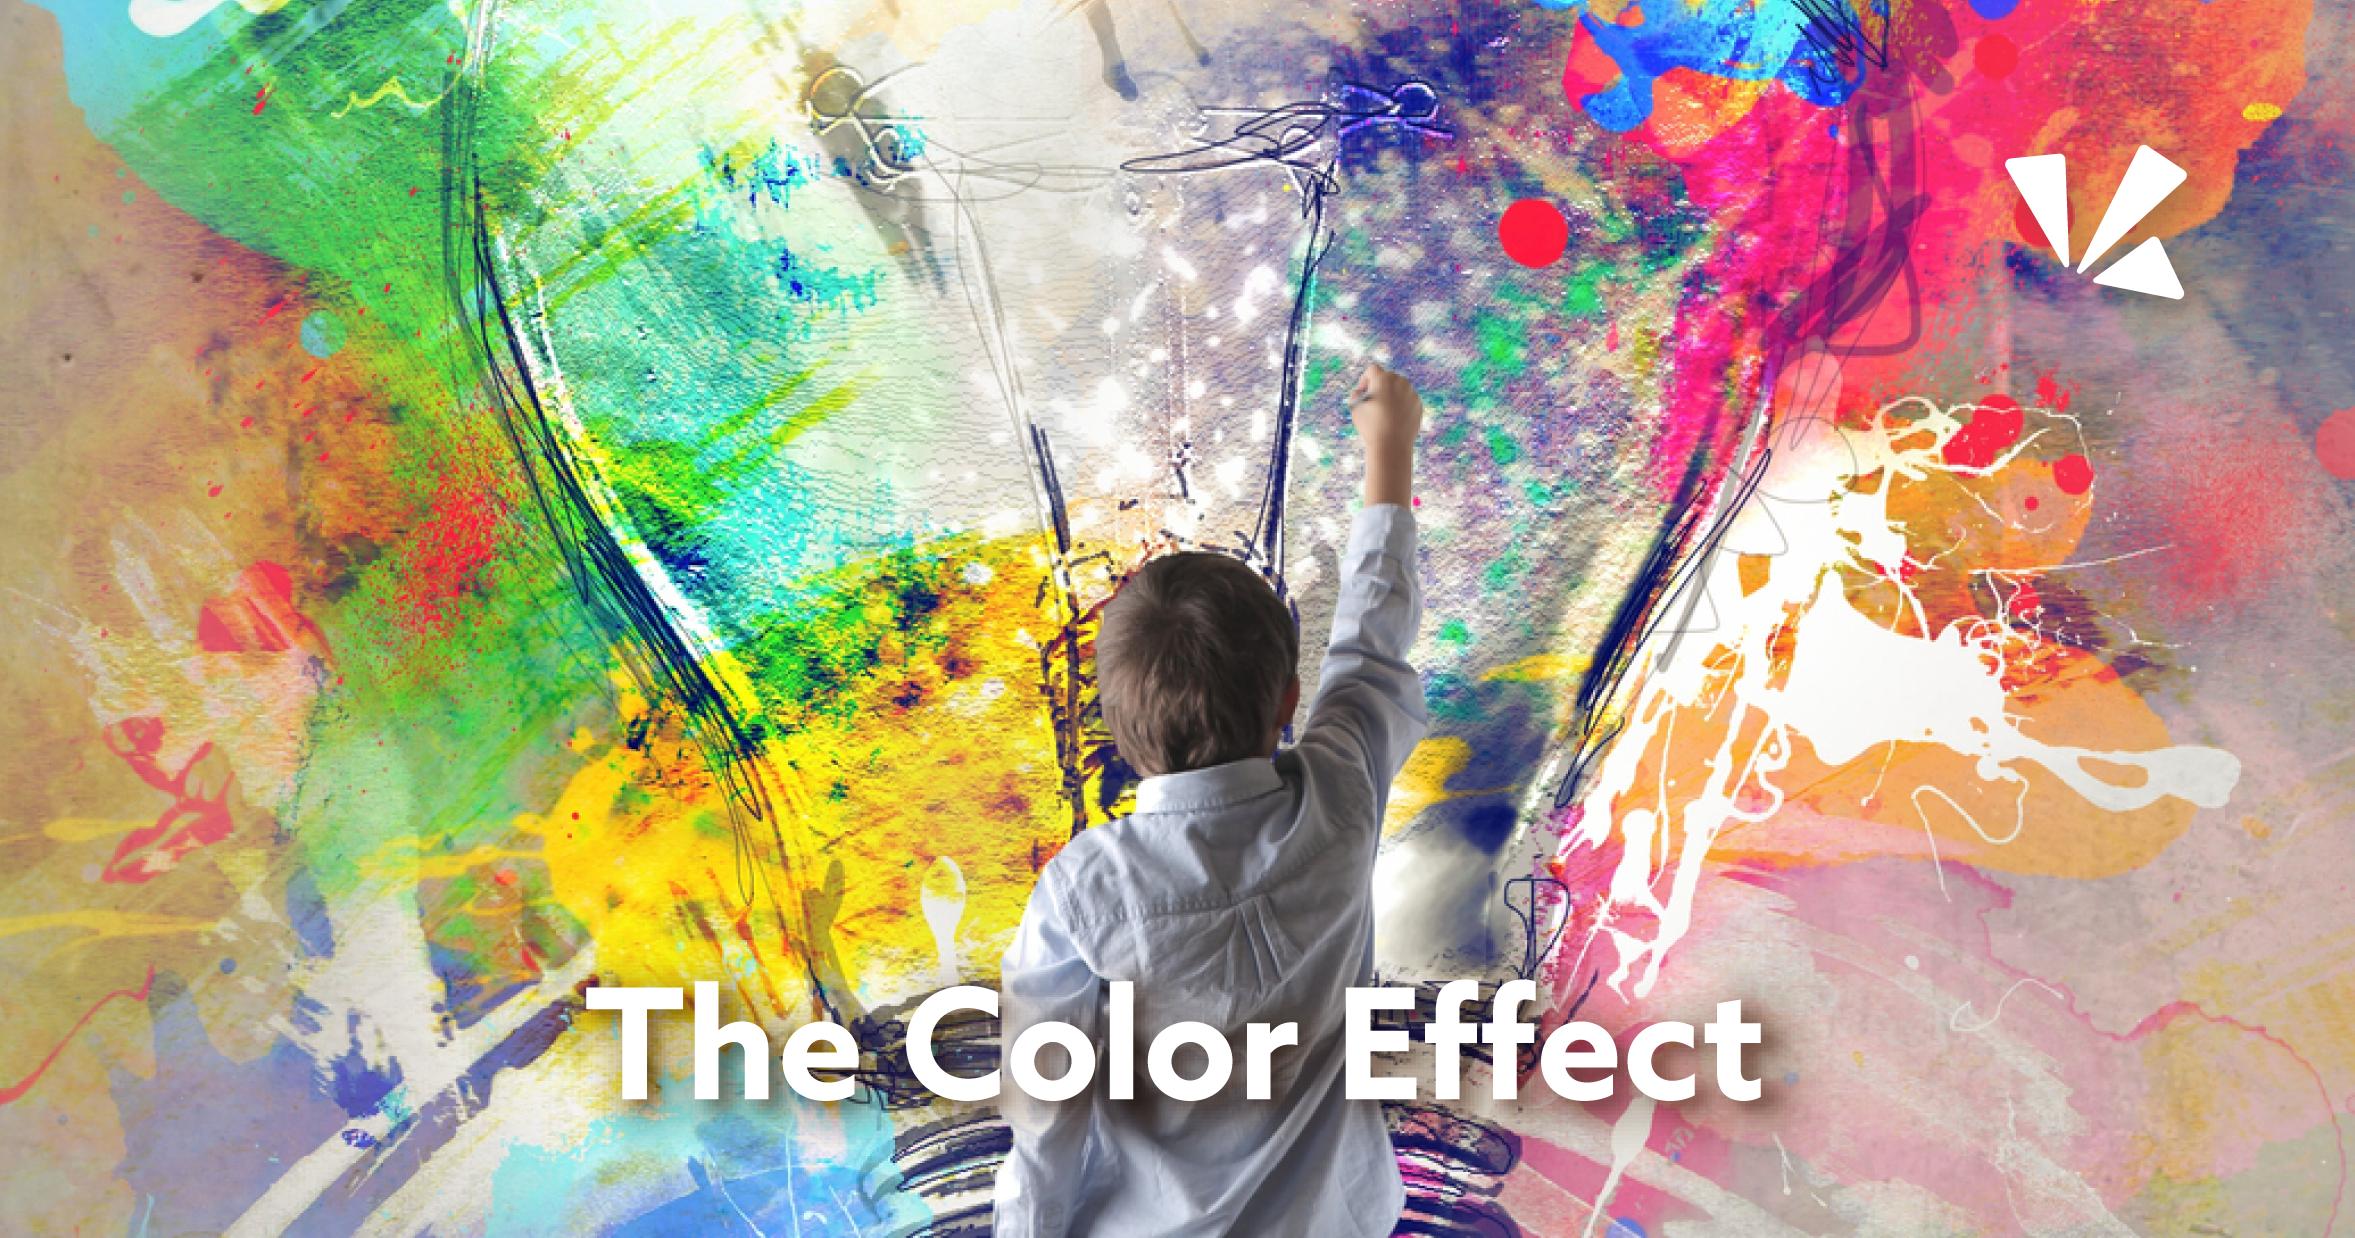 The color effect blog header